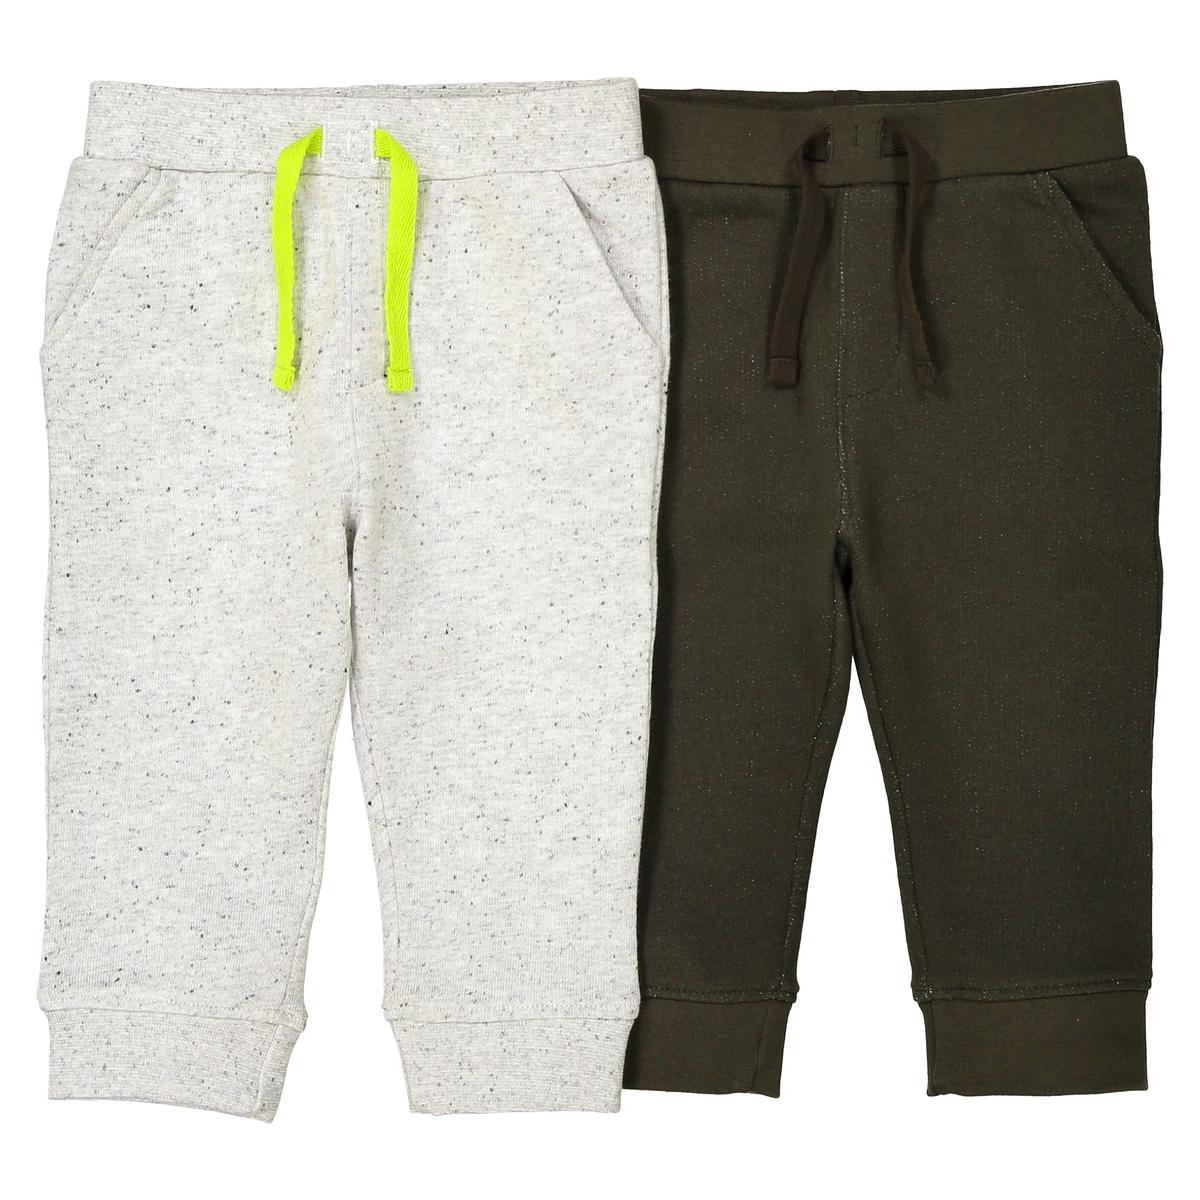 2 спортивных брюк - 1 мес. - 3 годаОписание:Детали •  Спортивные брюки •  Стандартная высота пояса •  Эластичный поясСостав и уход •  75% хлопка, 25% полиэстера •  Вторичный материал : 85% хлопка, 15% полиэстера •  Дополнительный материал 2 : 95% хлопка, 5% эластана •  Стирать при 40° •  Сухая чистка и отбеливание запрещены • Барабанная сушка на умеренном режиме •  Низкая температура глажки<br><br>Цвет: хаки + темно-серый